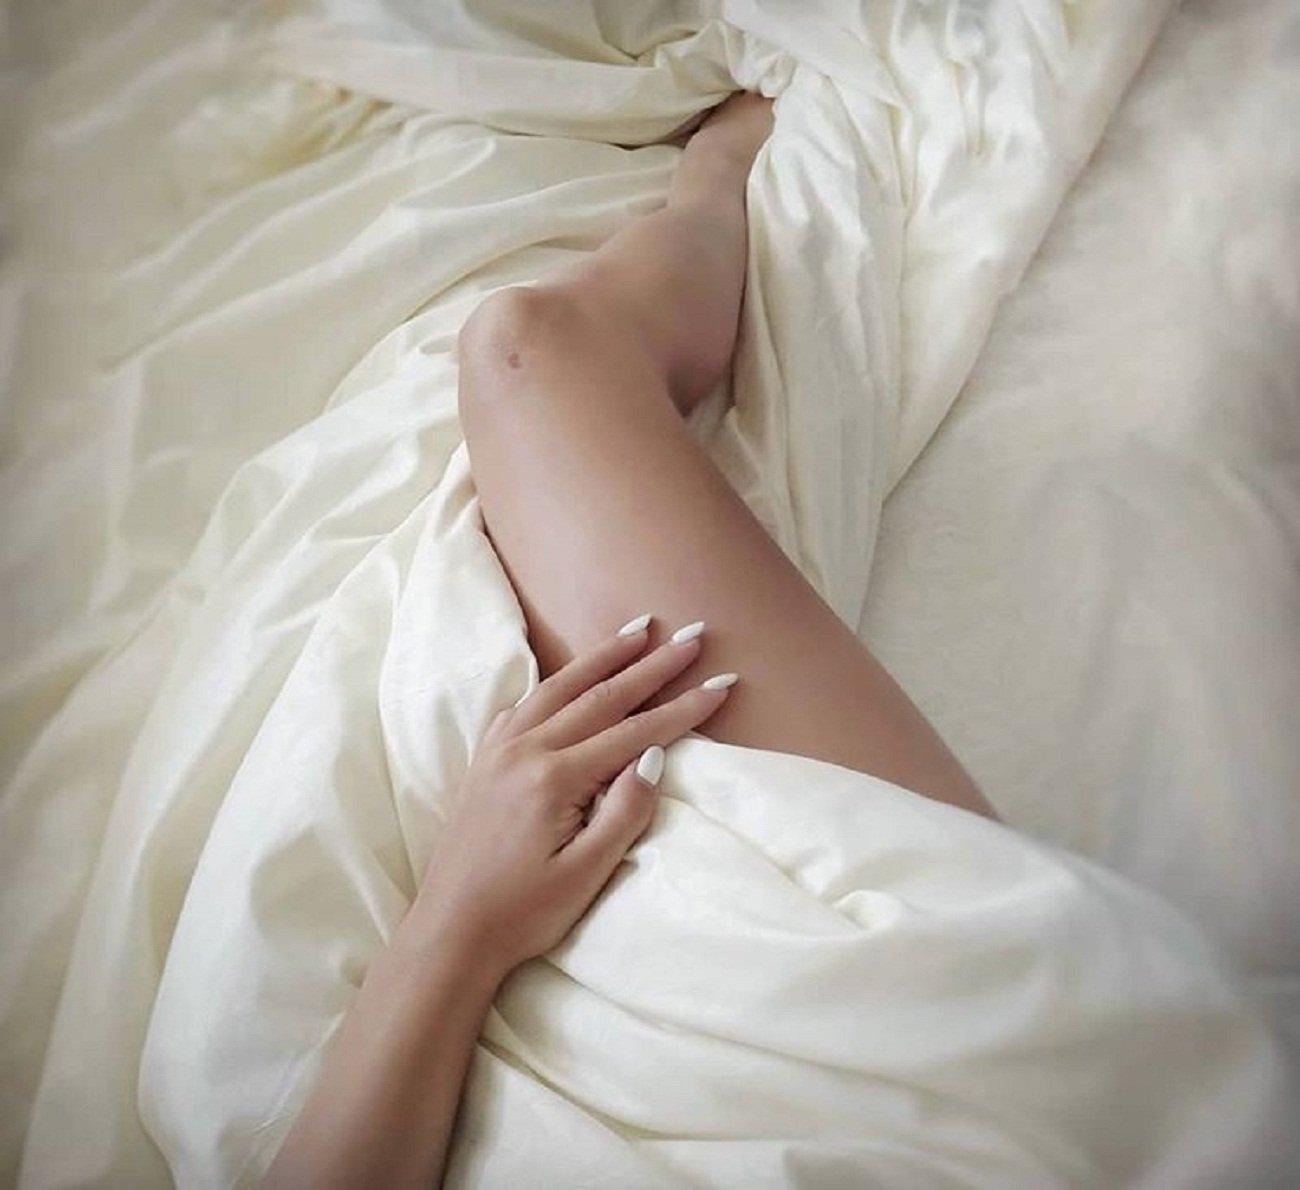 Фото занятия любовью супругов — pic 13